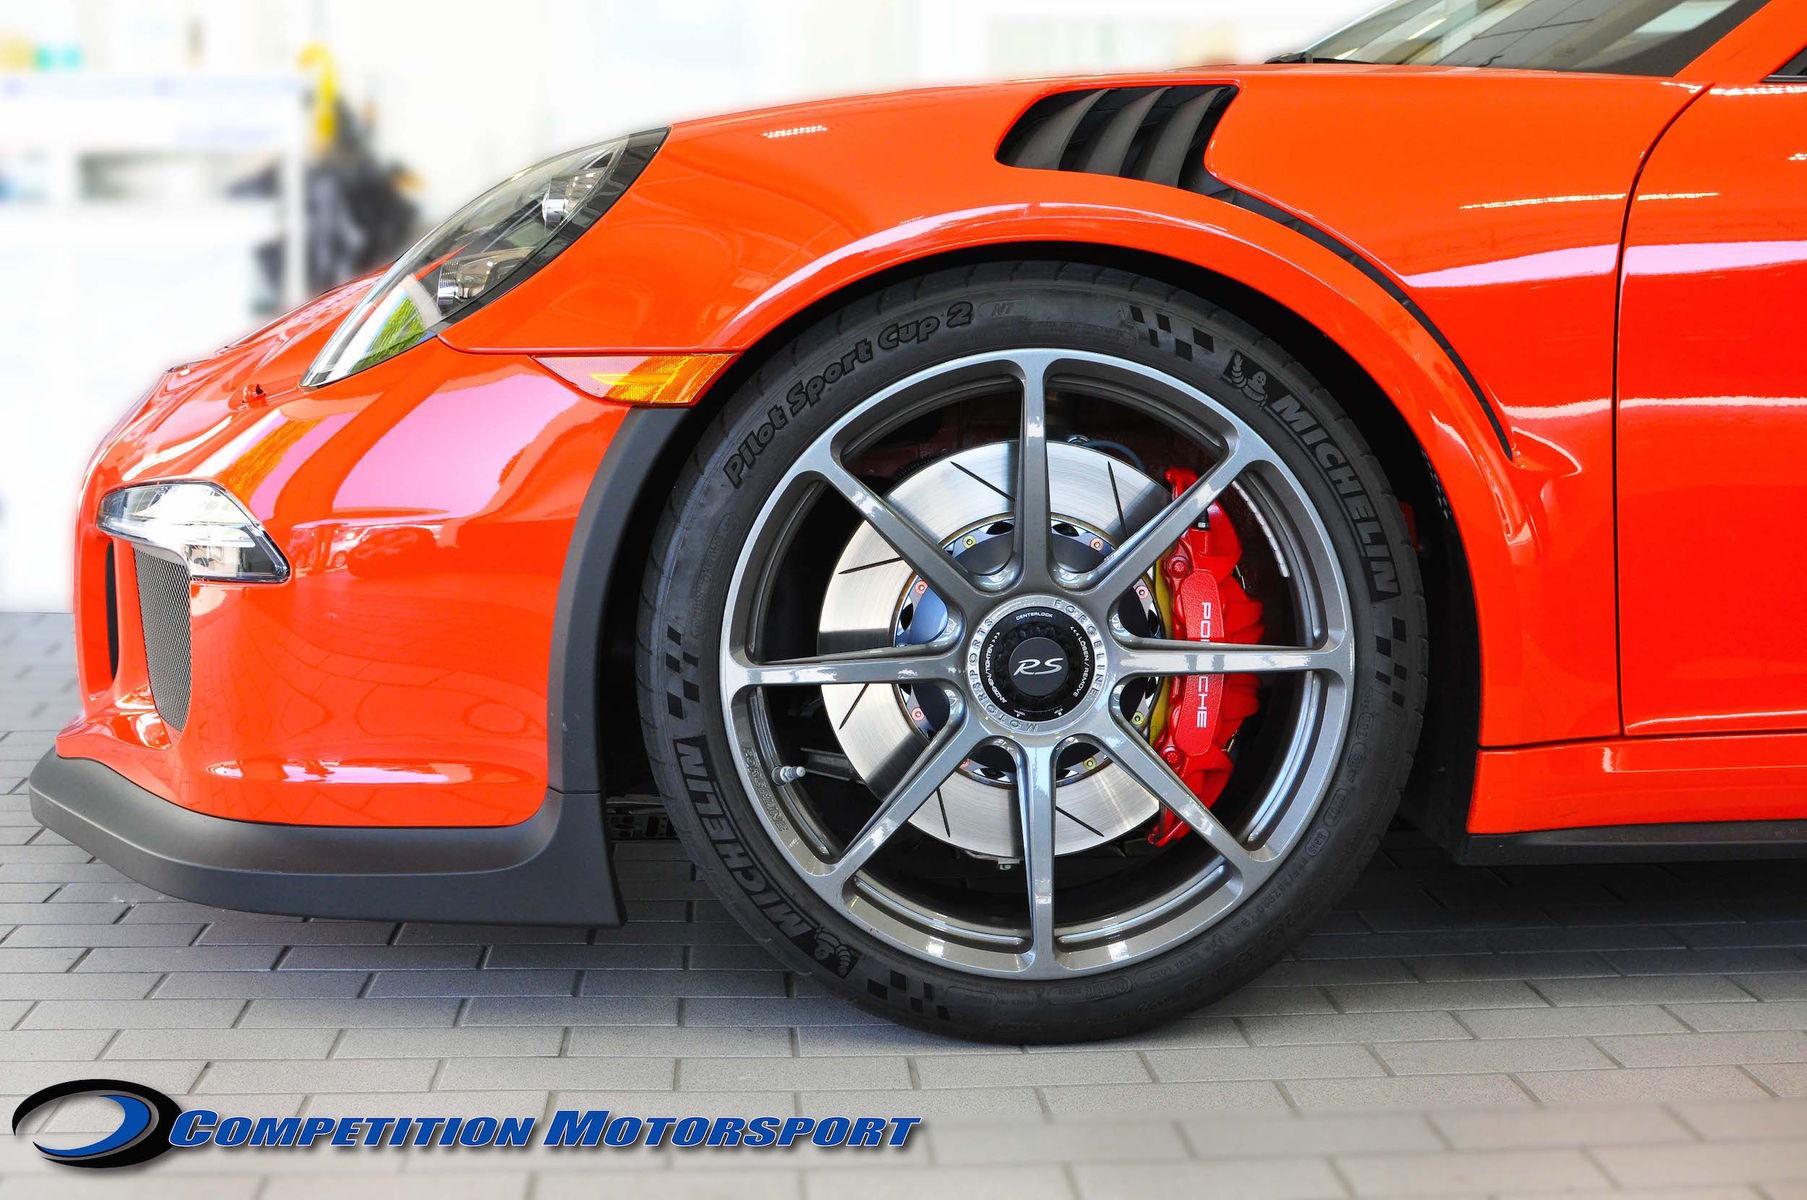 2016 Porsche 911 | Brian Ringwelski's Porsche 991 GT3RS on Forgeline One Piece Forged Monoblock GE1 Wheels - Wheel Shot